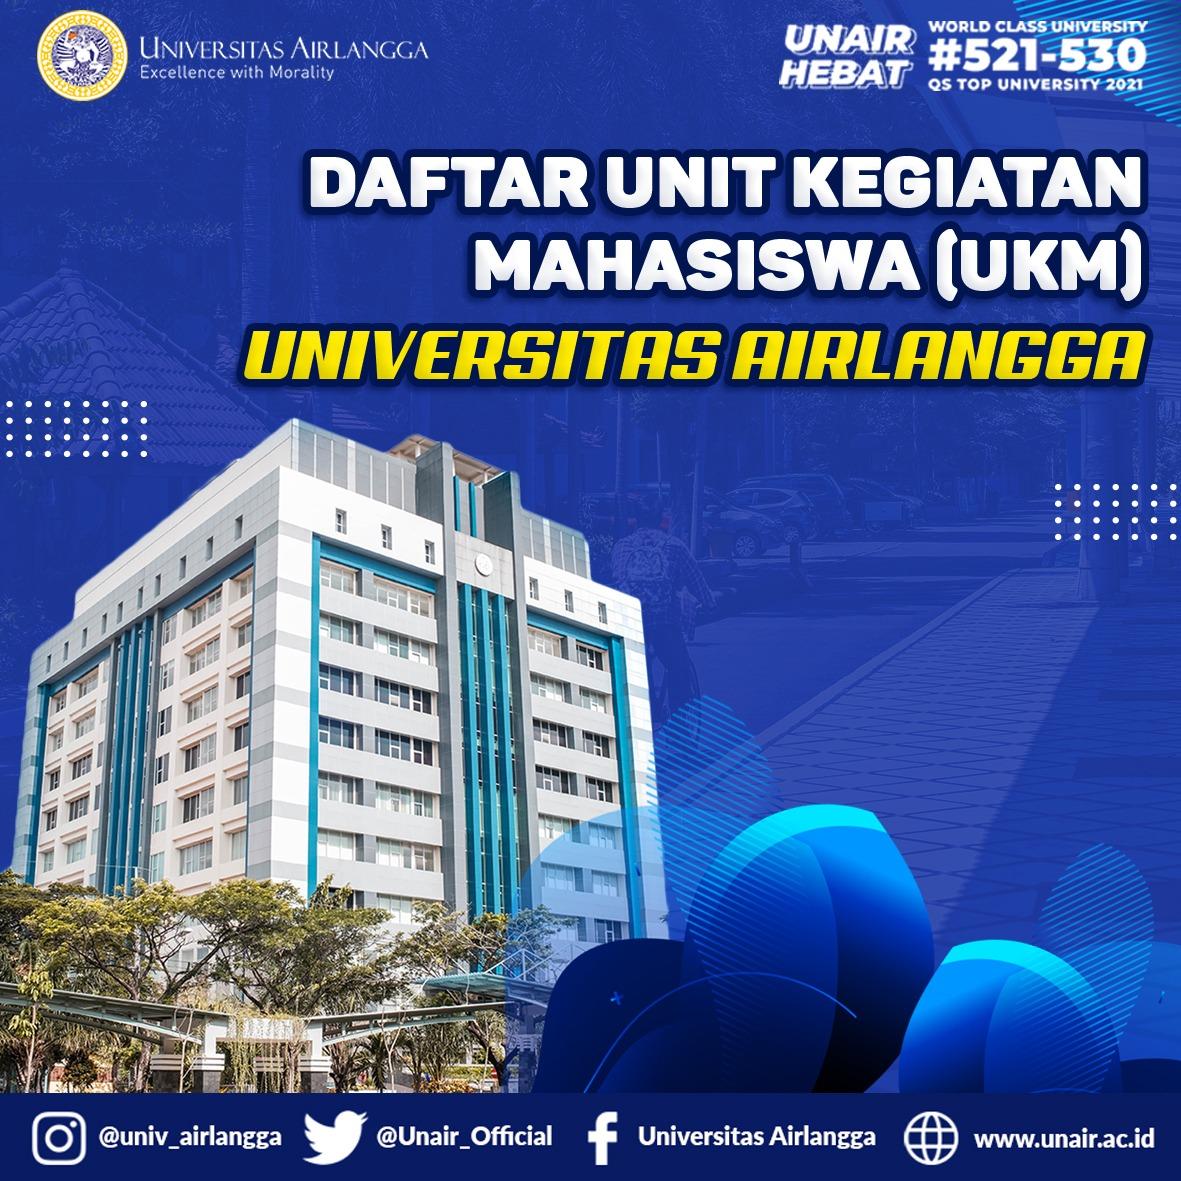 Hai Ksatria Airlangga  Universitas Airlangga memiliki banyak Unit Kegiatan Mahasiswa (UKM) yang dapat diikuti untuk mengembangkan minat dan bakat mahasiswa. https://t.co/OlNZ1AEnln